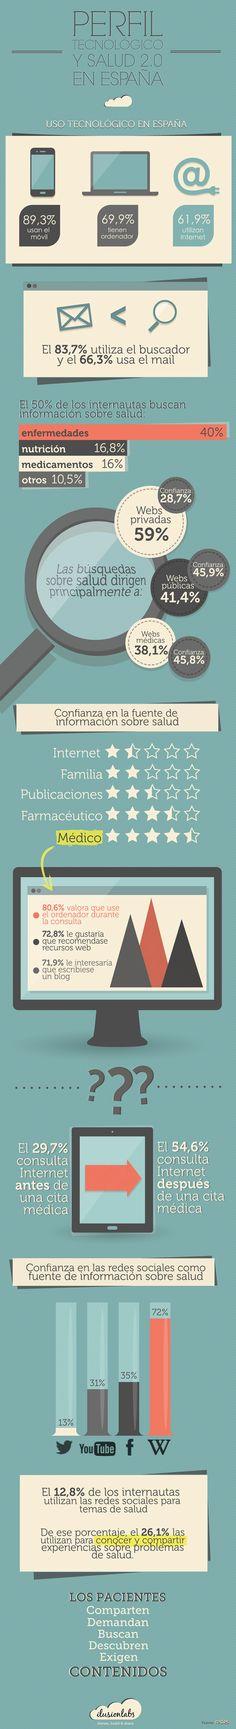 Consumo de salud 2.0 en España